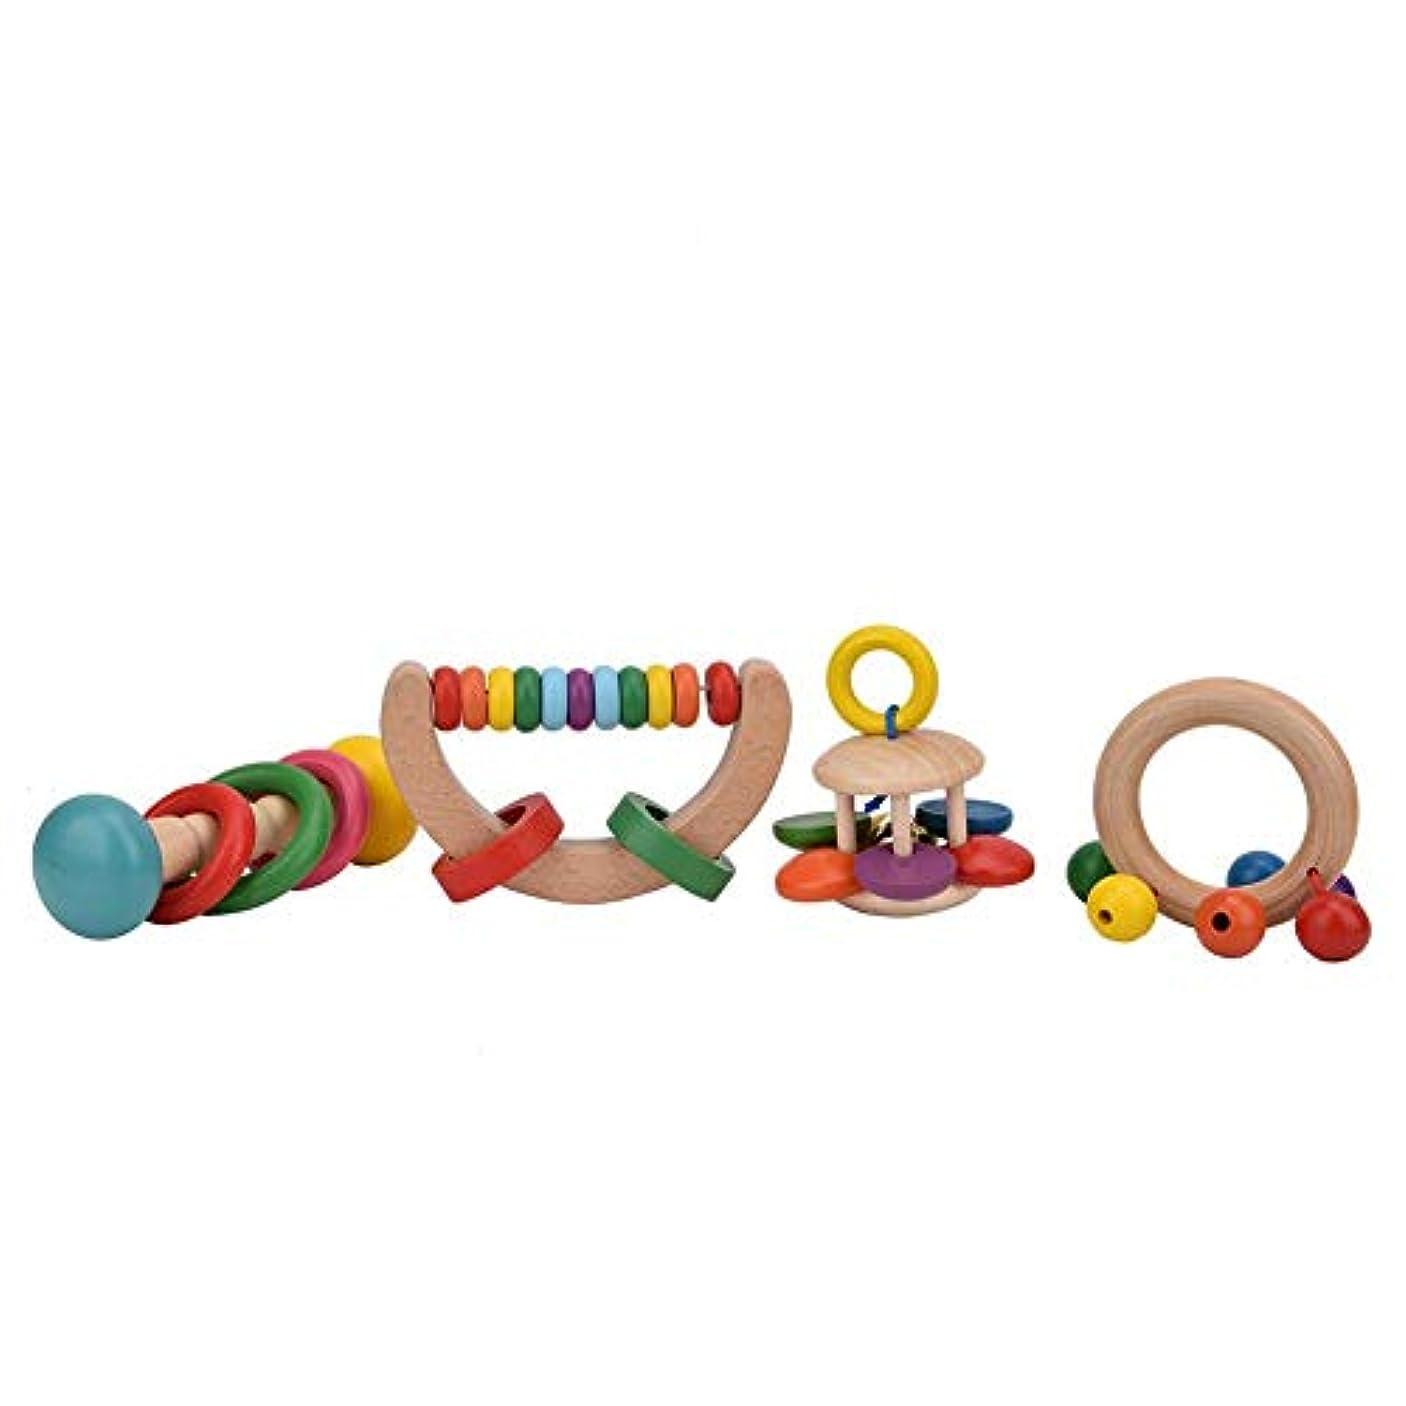 観察する撤退包帯初期の教育玩具、滑らかな表面4個の赤ちゃんガラガラセット、3歳以上の新生児にとって無毒で安全